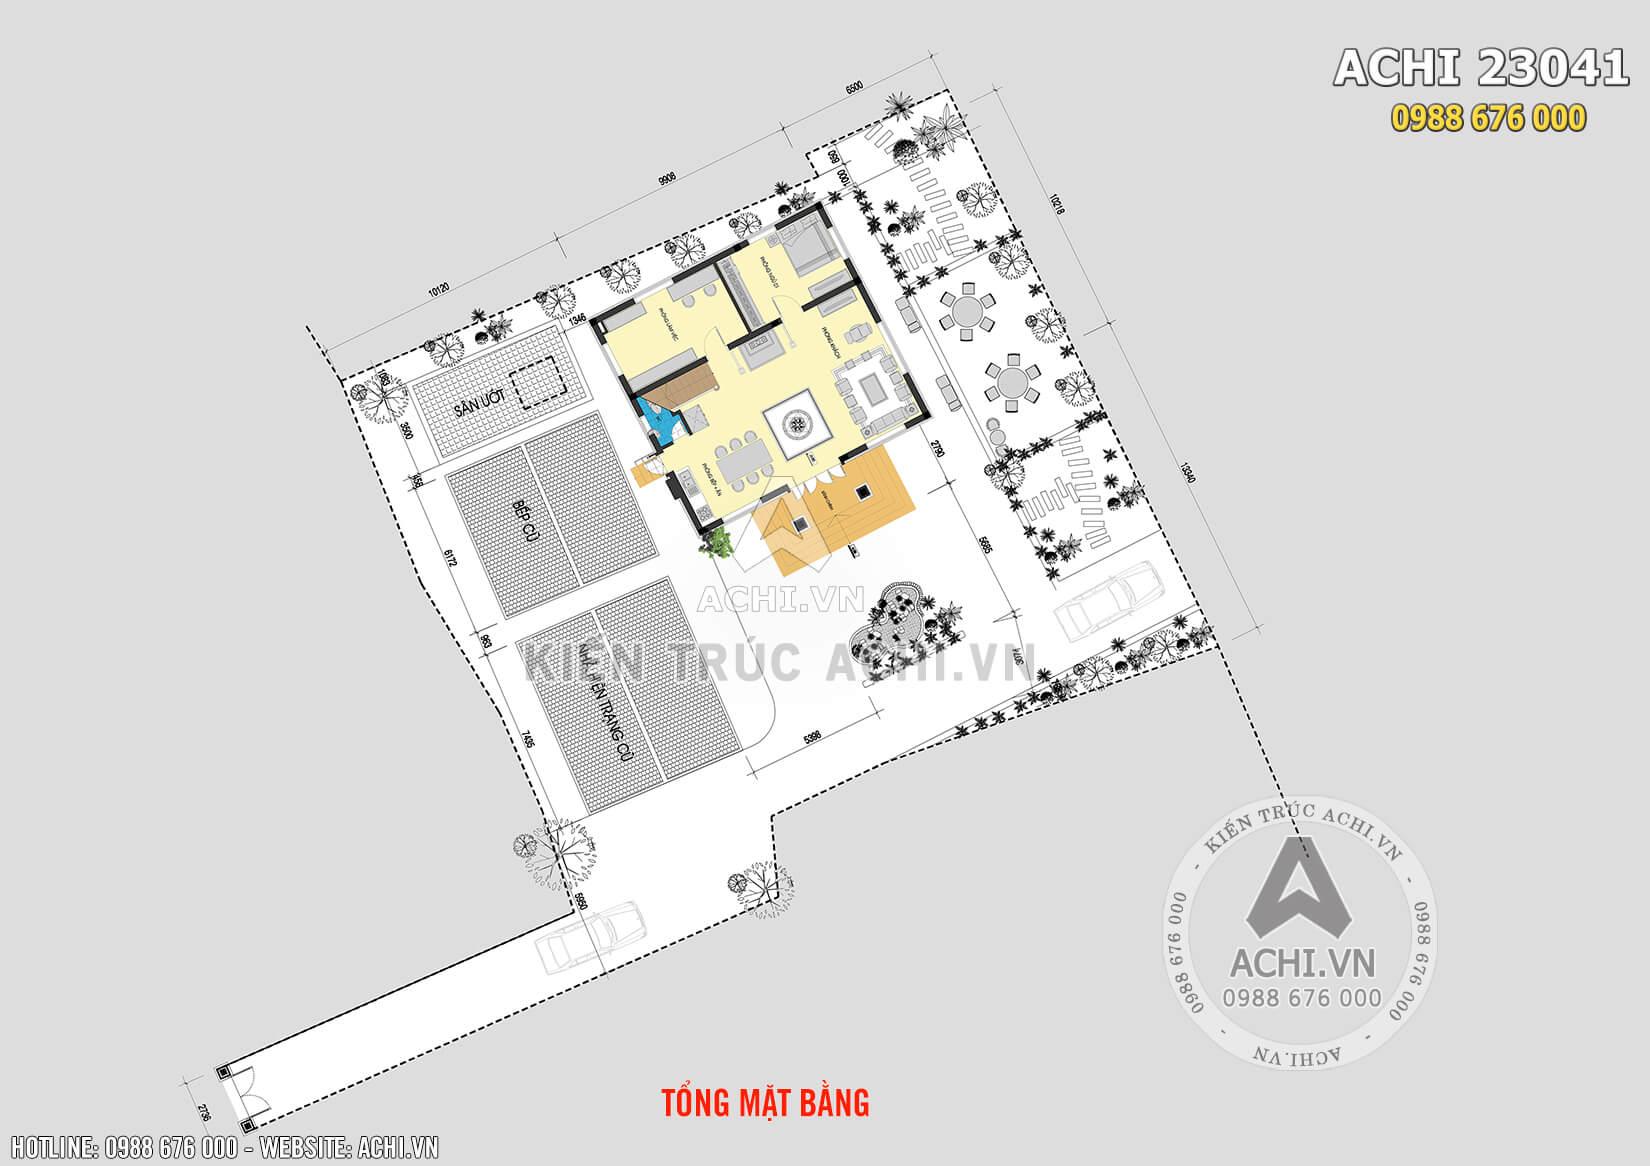 Mặt bằng tổng thể của mẫu nhà vuông 2 tầng mái thái đẹp tại Hưng Yên